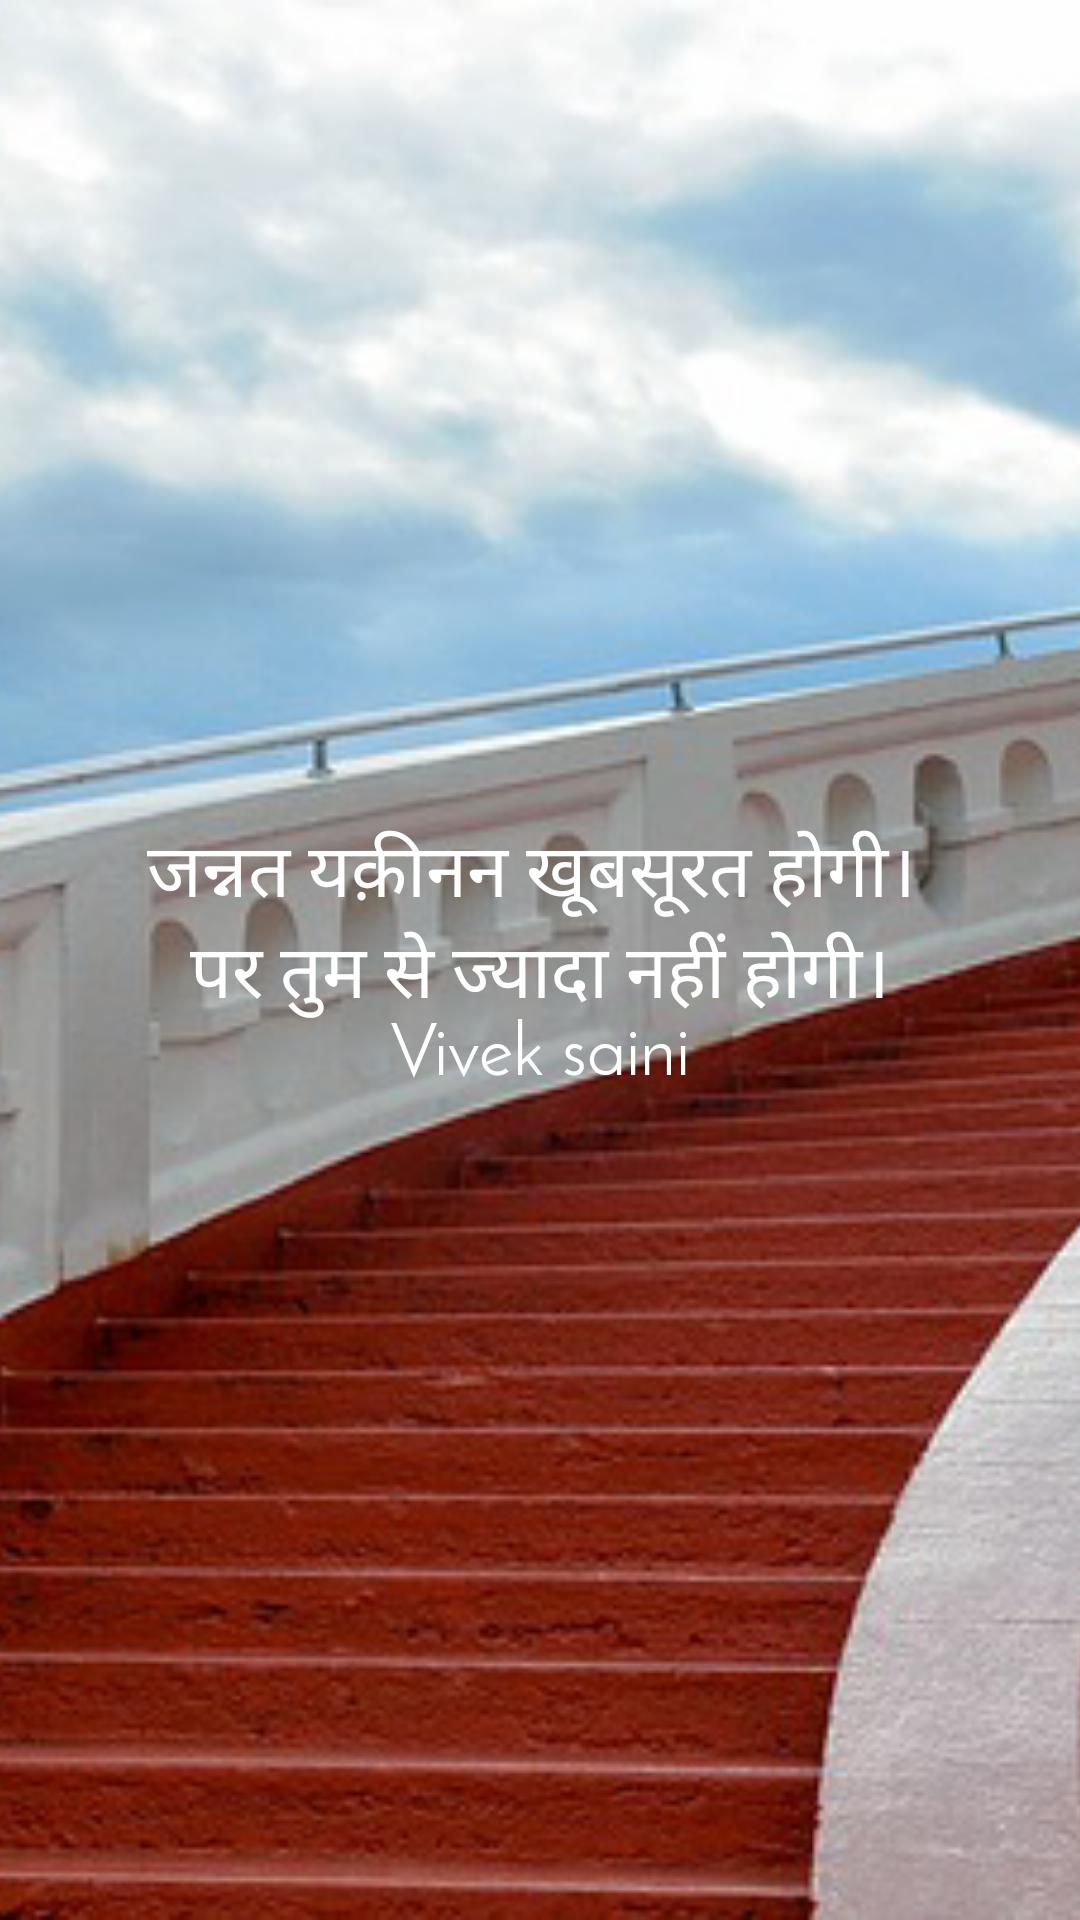 जन्नत यक़ीनन खूबसूरत होगी।  पर तुम से ज्यादा नहीं होगी। Vivek saini